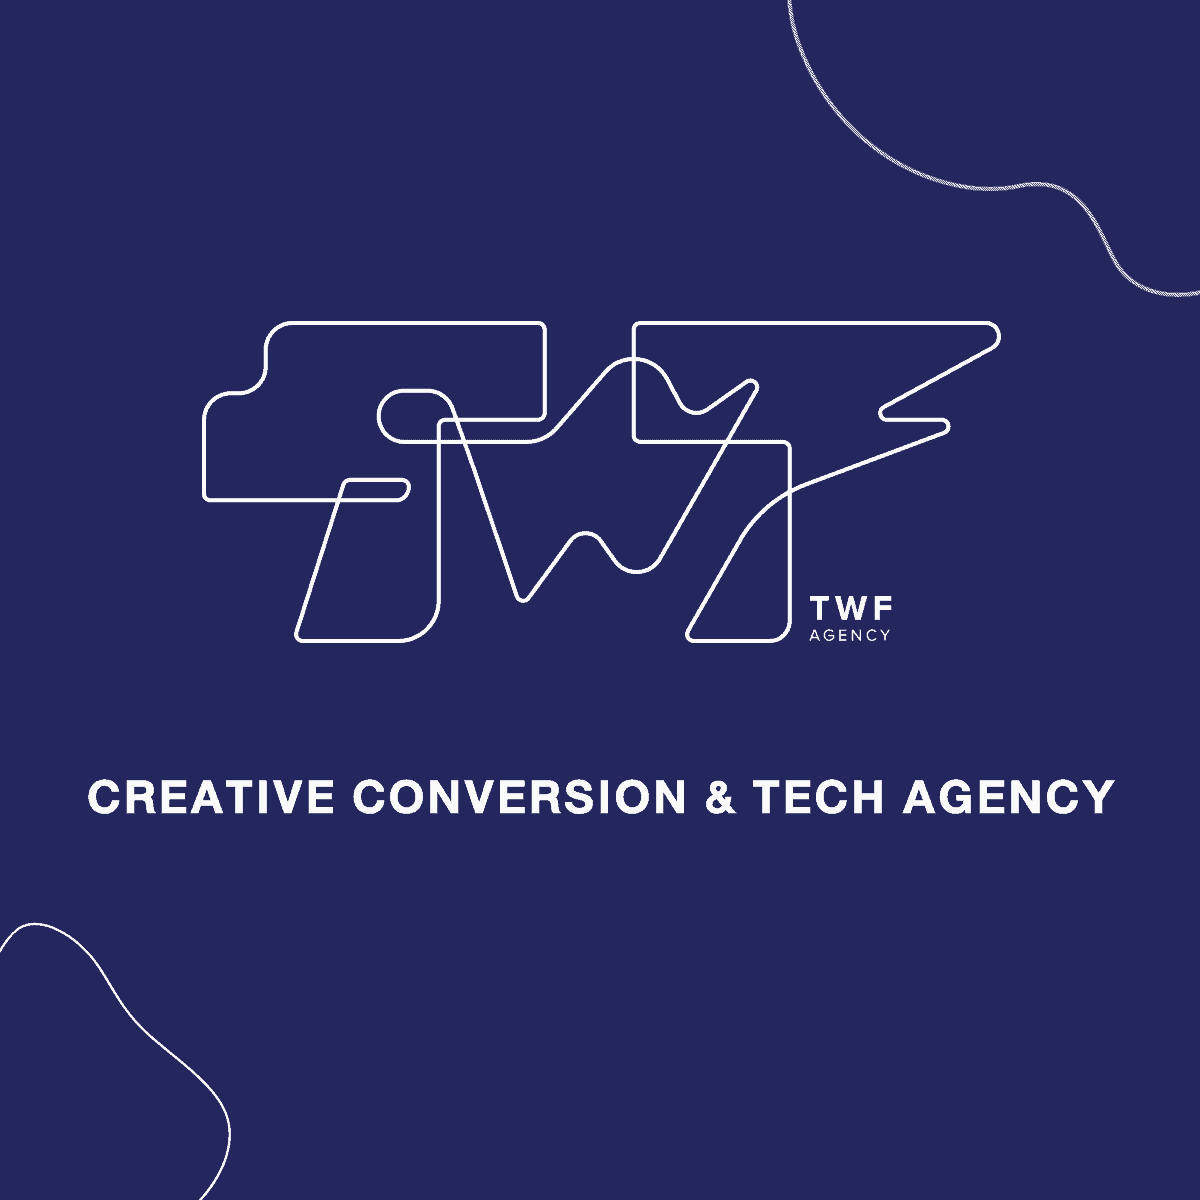 TWF Agency โฉมใหม่ที่เติบโตอีกขั้น เจาะกลยุทธ์เพิ่มยอดขาย ด้วยทีมงานมืออาชีพ